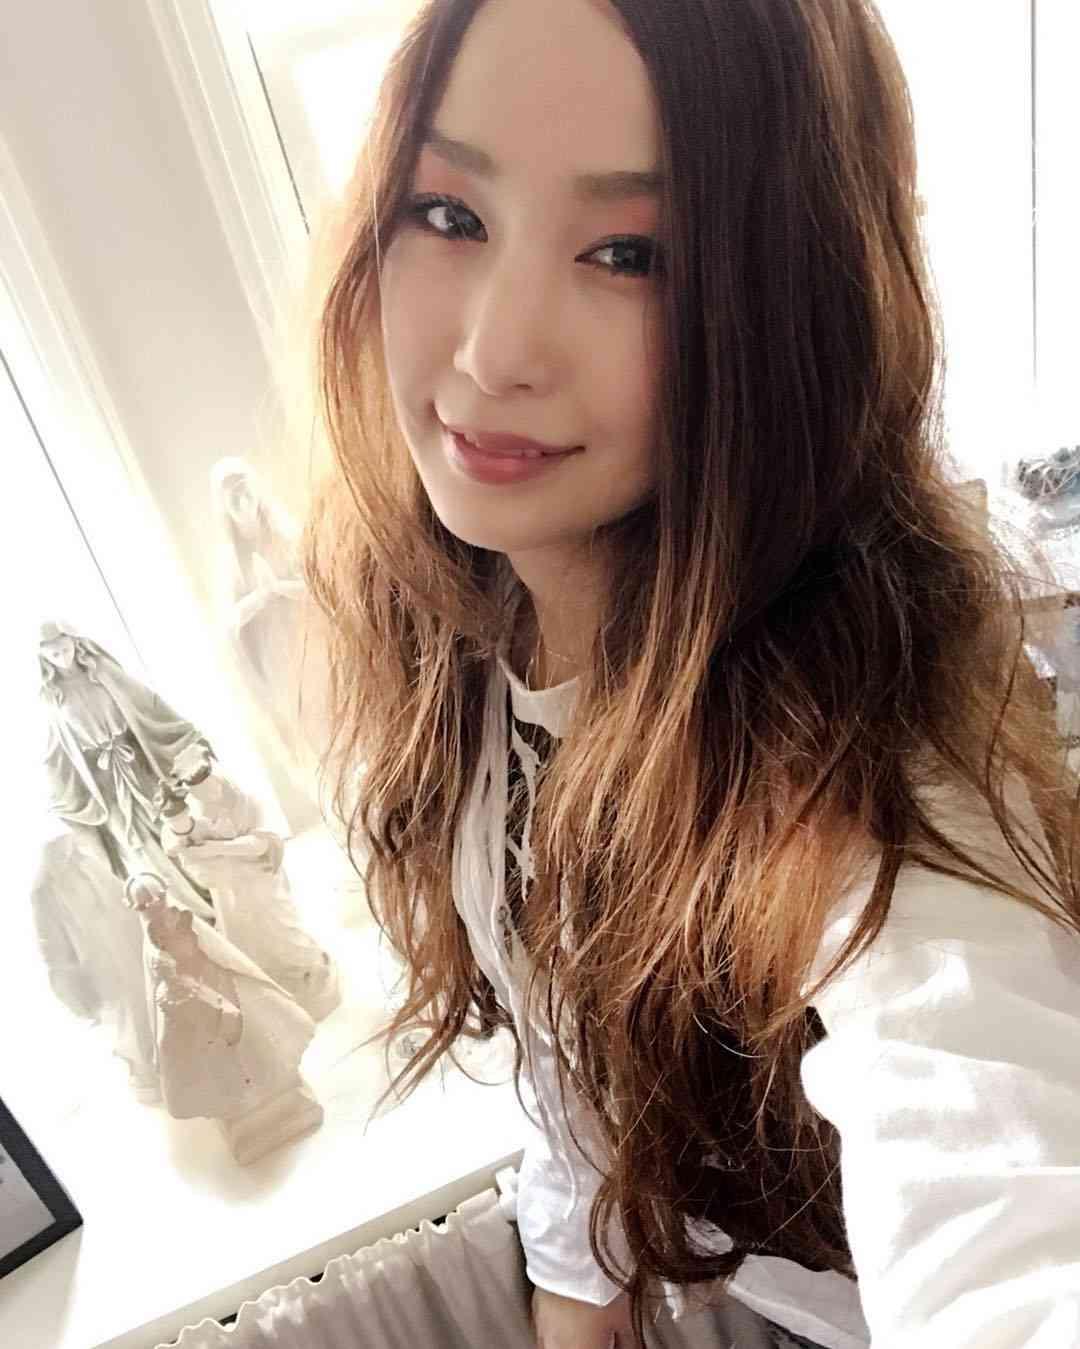 中島美嘉、久々の茶髪に絶賛の声「ただただ可愛い」「女神のよう」